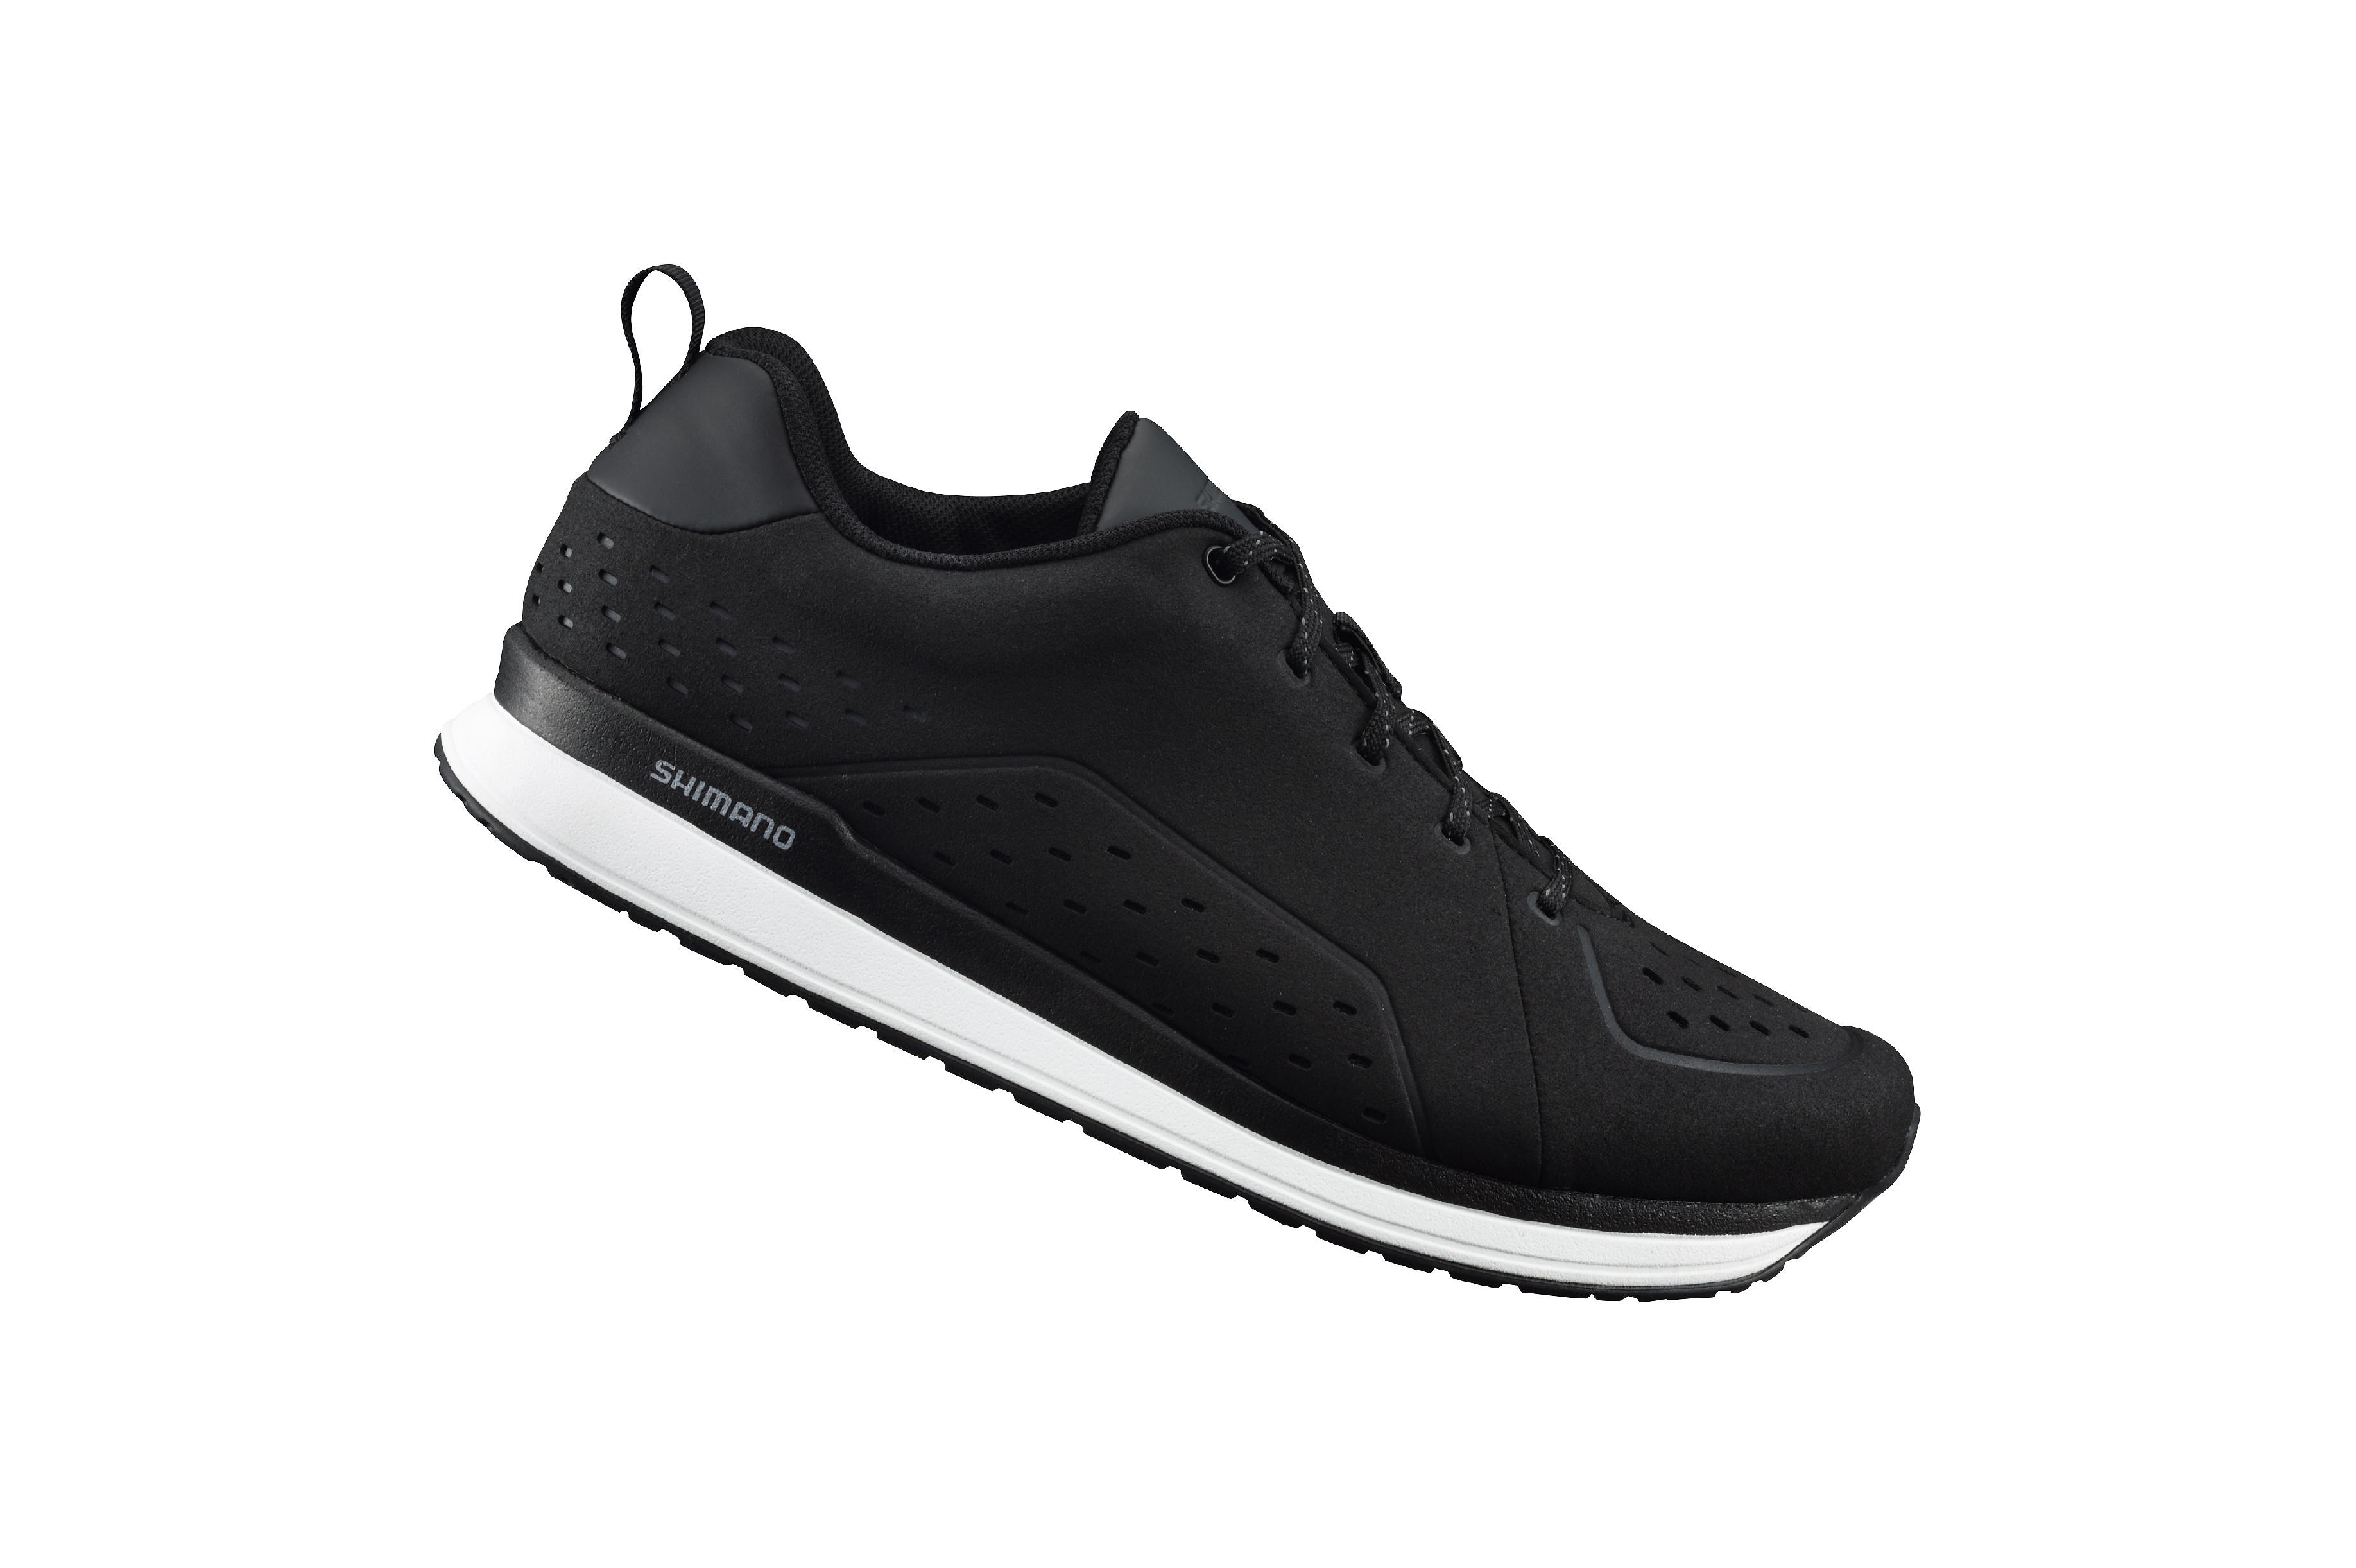 SHIMANO turistická obuv SH-CT500ML, černá, Velikost: 42